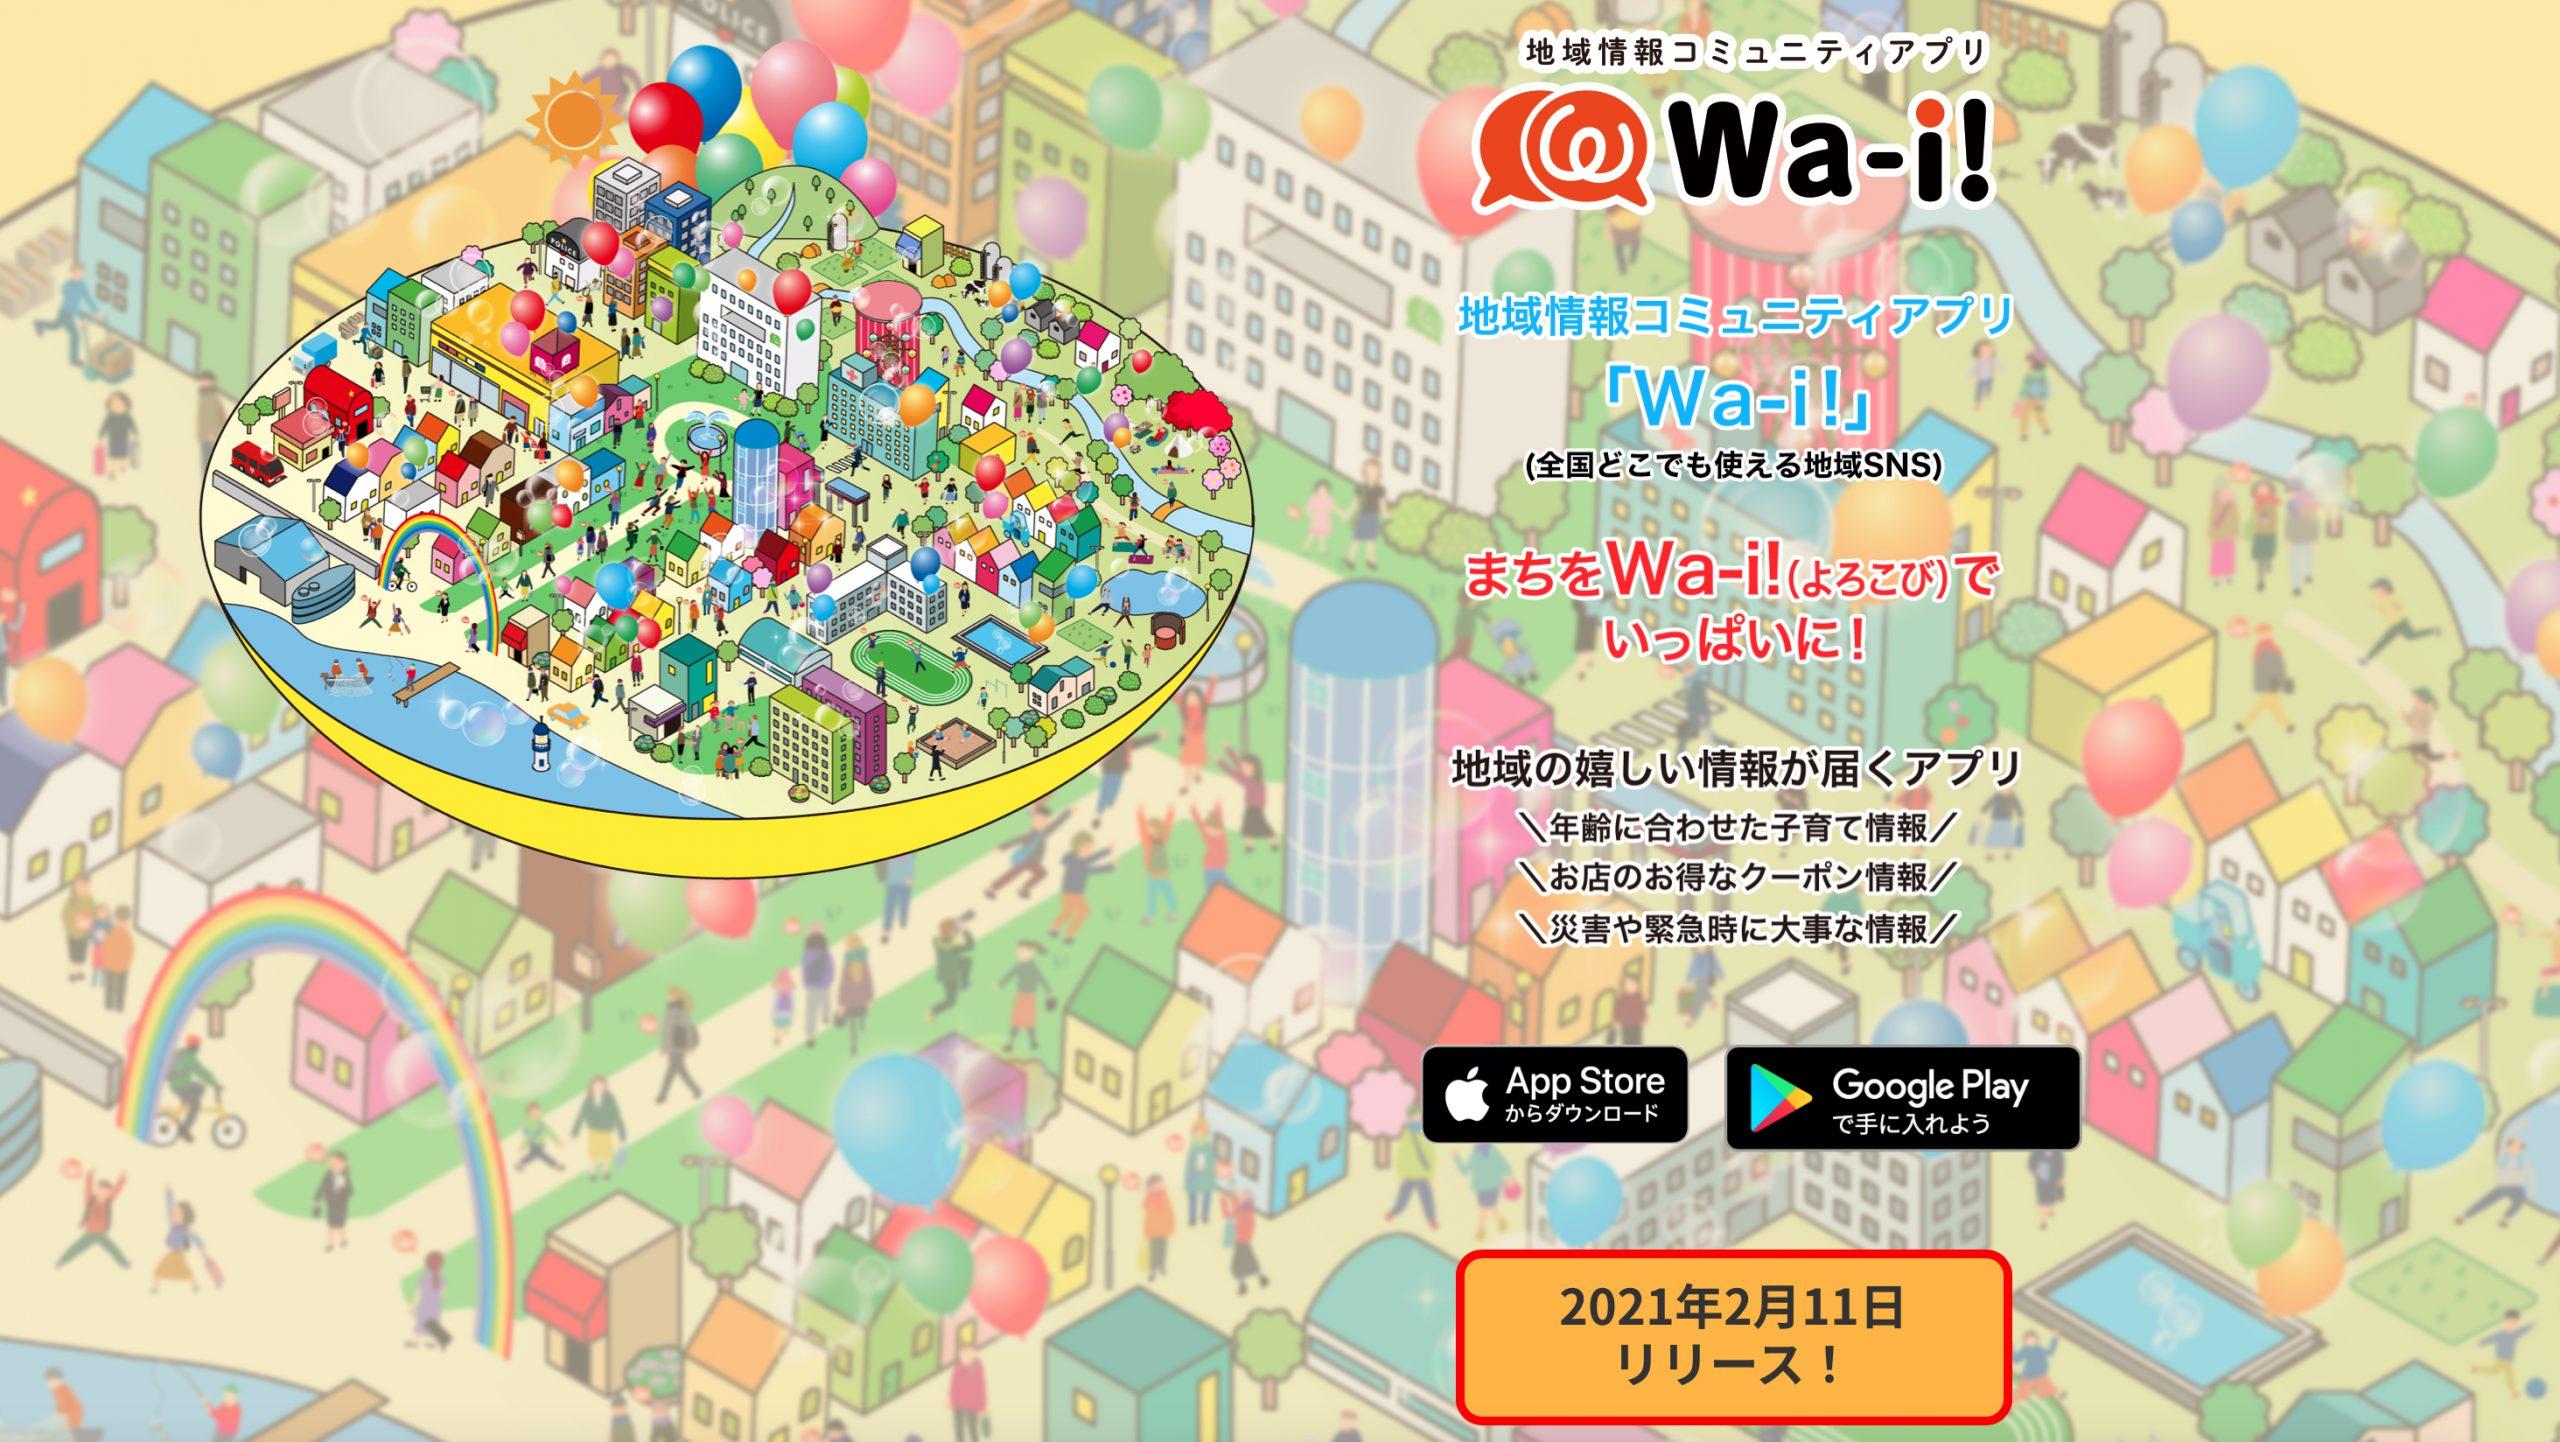 泉佐野/地域情報コミュニティアプリ「Wa-i!」